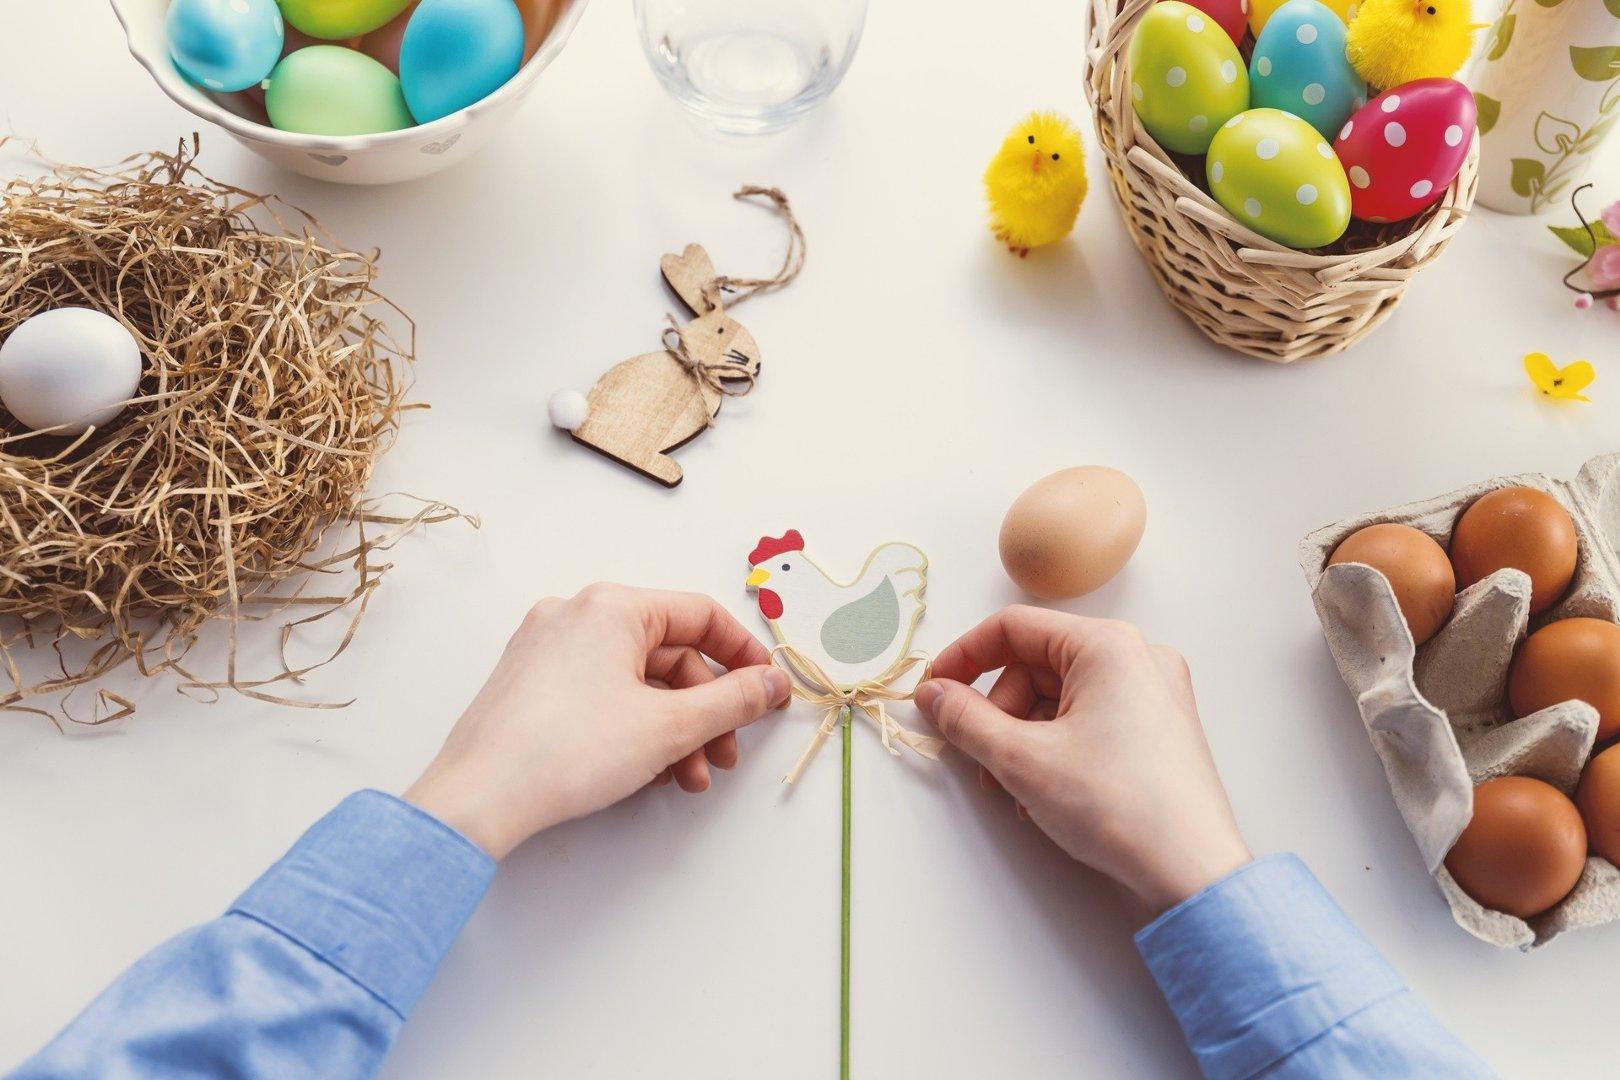 Wielkanoc 2019 Kiedy Jest Wielkanoc Zobacz Kiedy Wypada W Tym